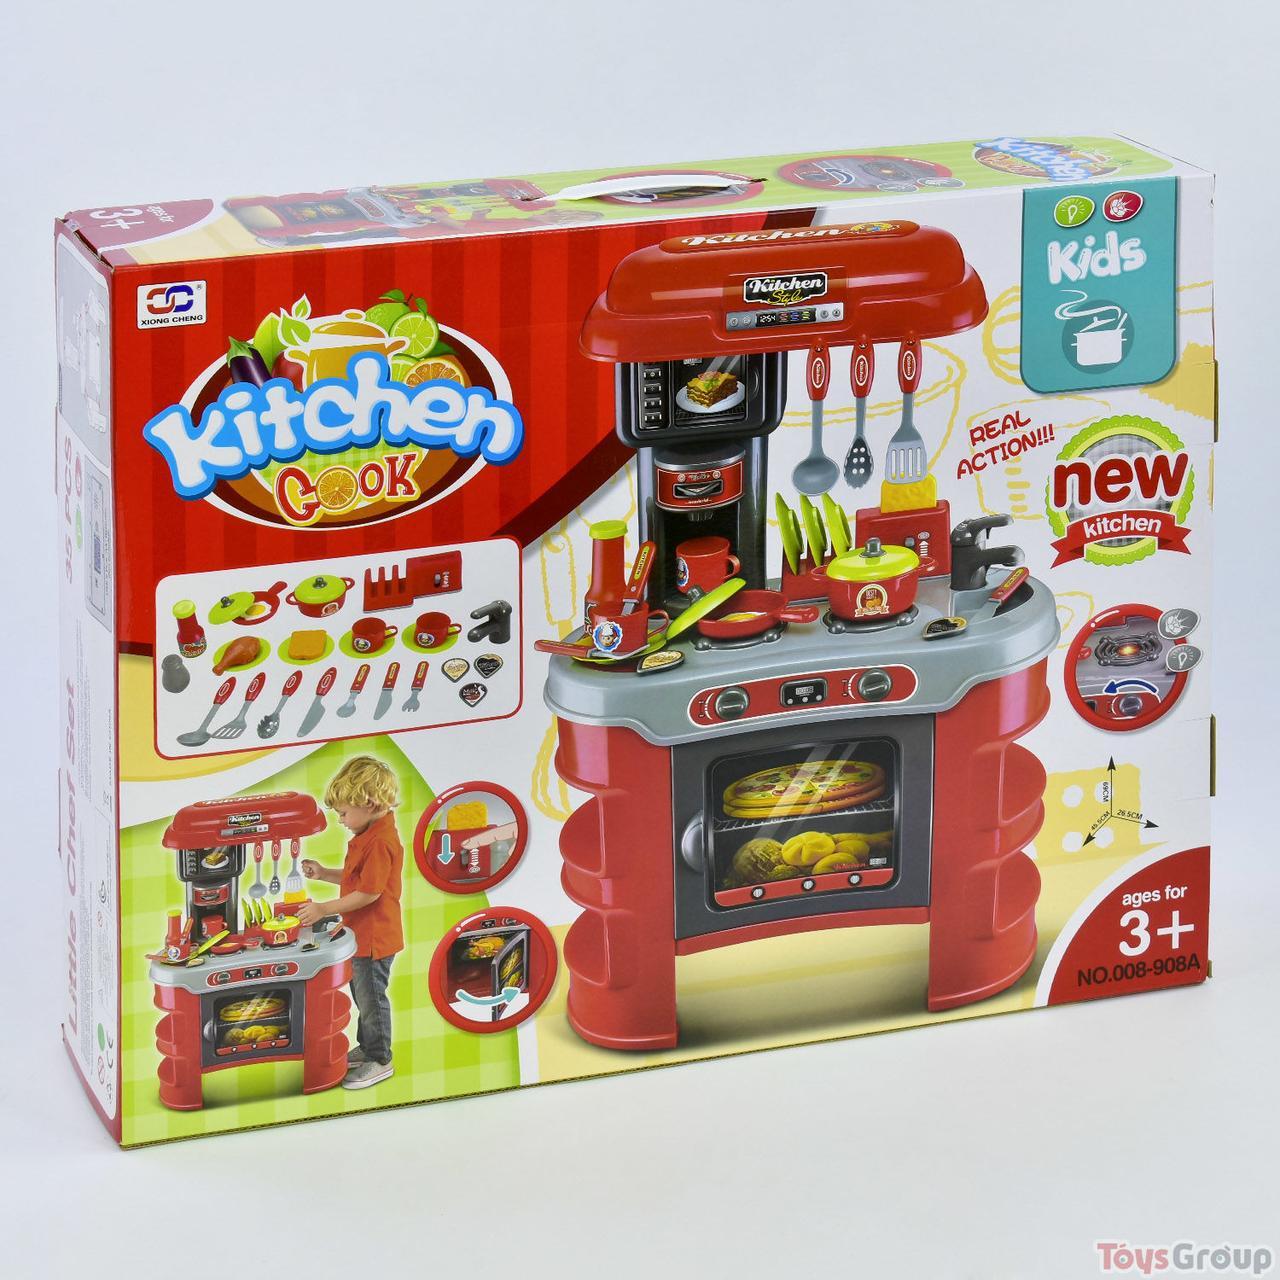 Кухня 008-908 А (5) з аксесуарами, звук, світло, в коробці